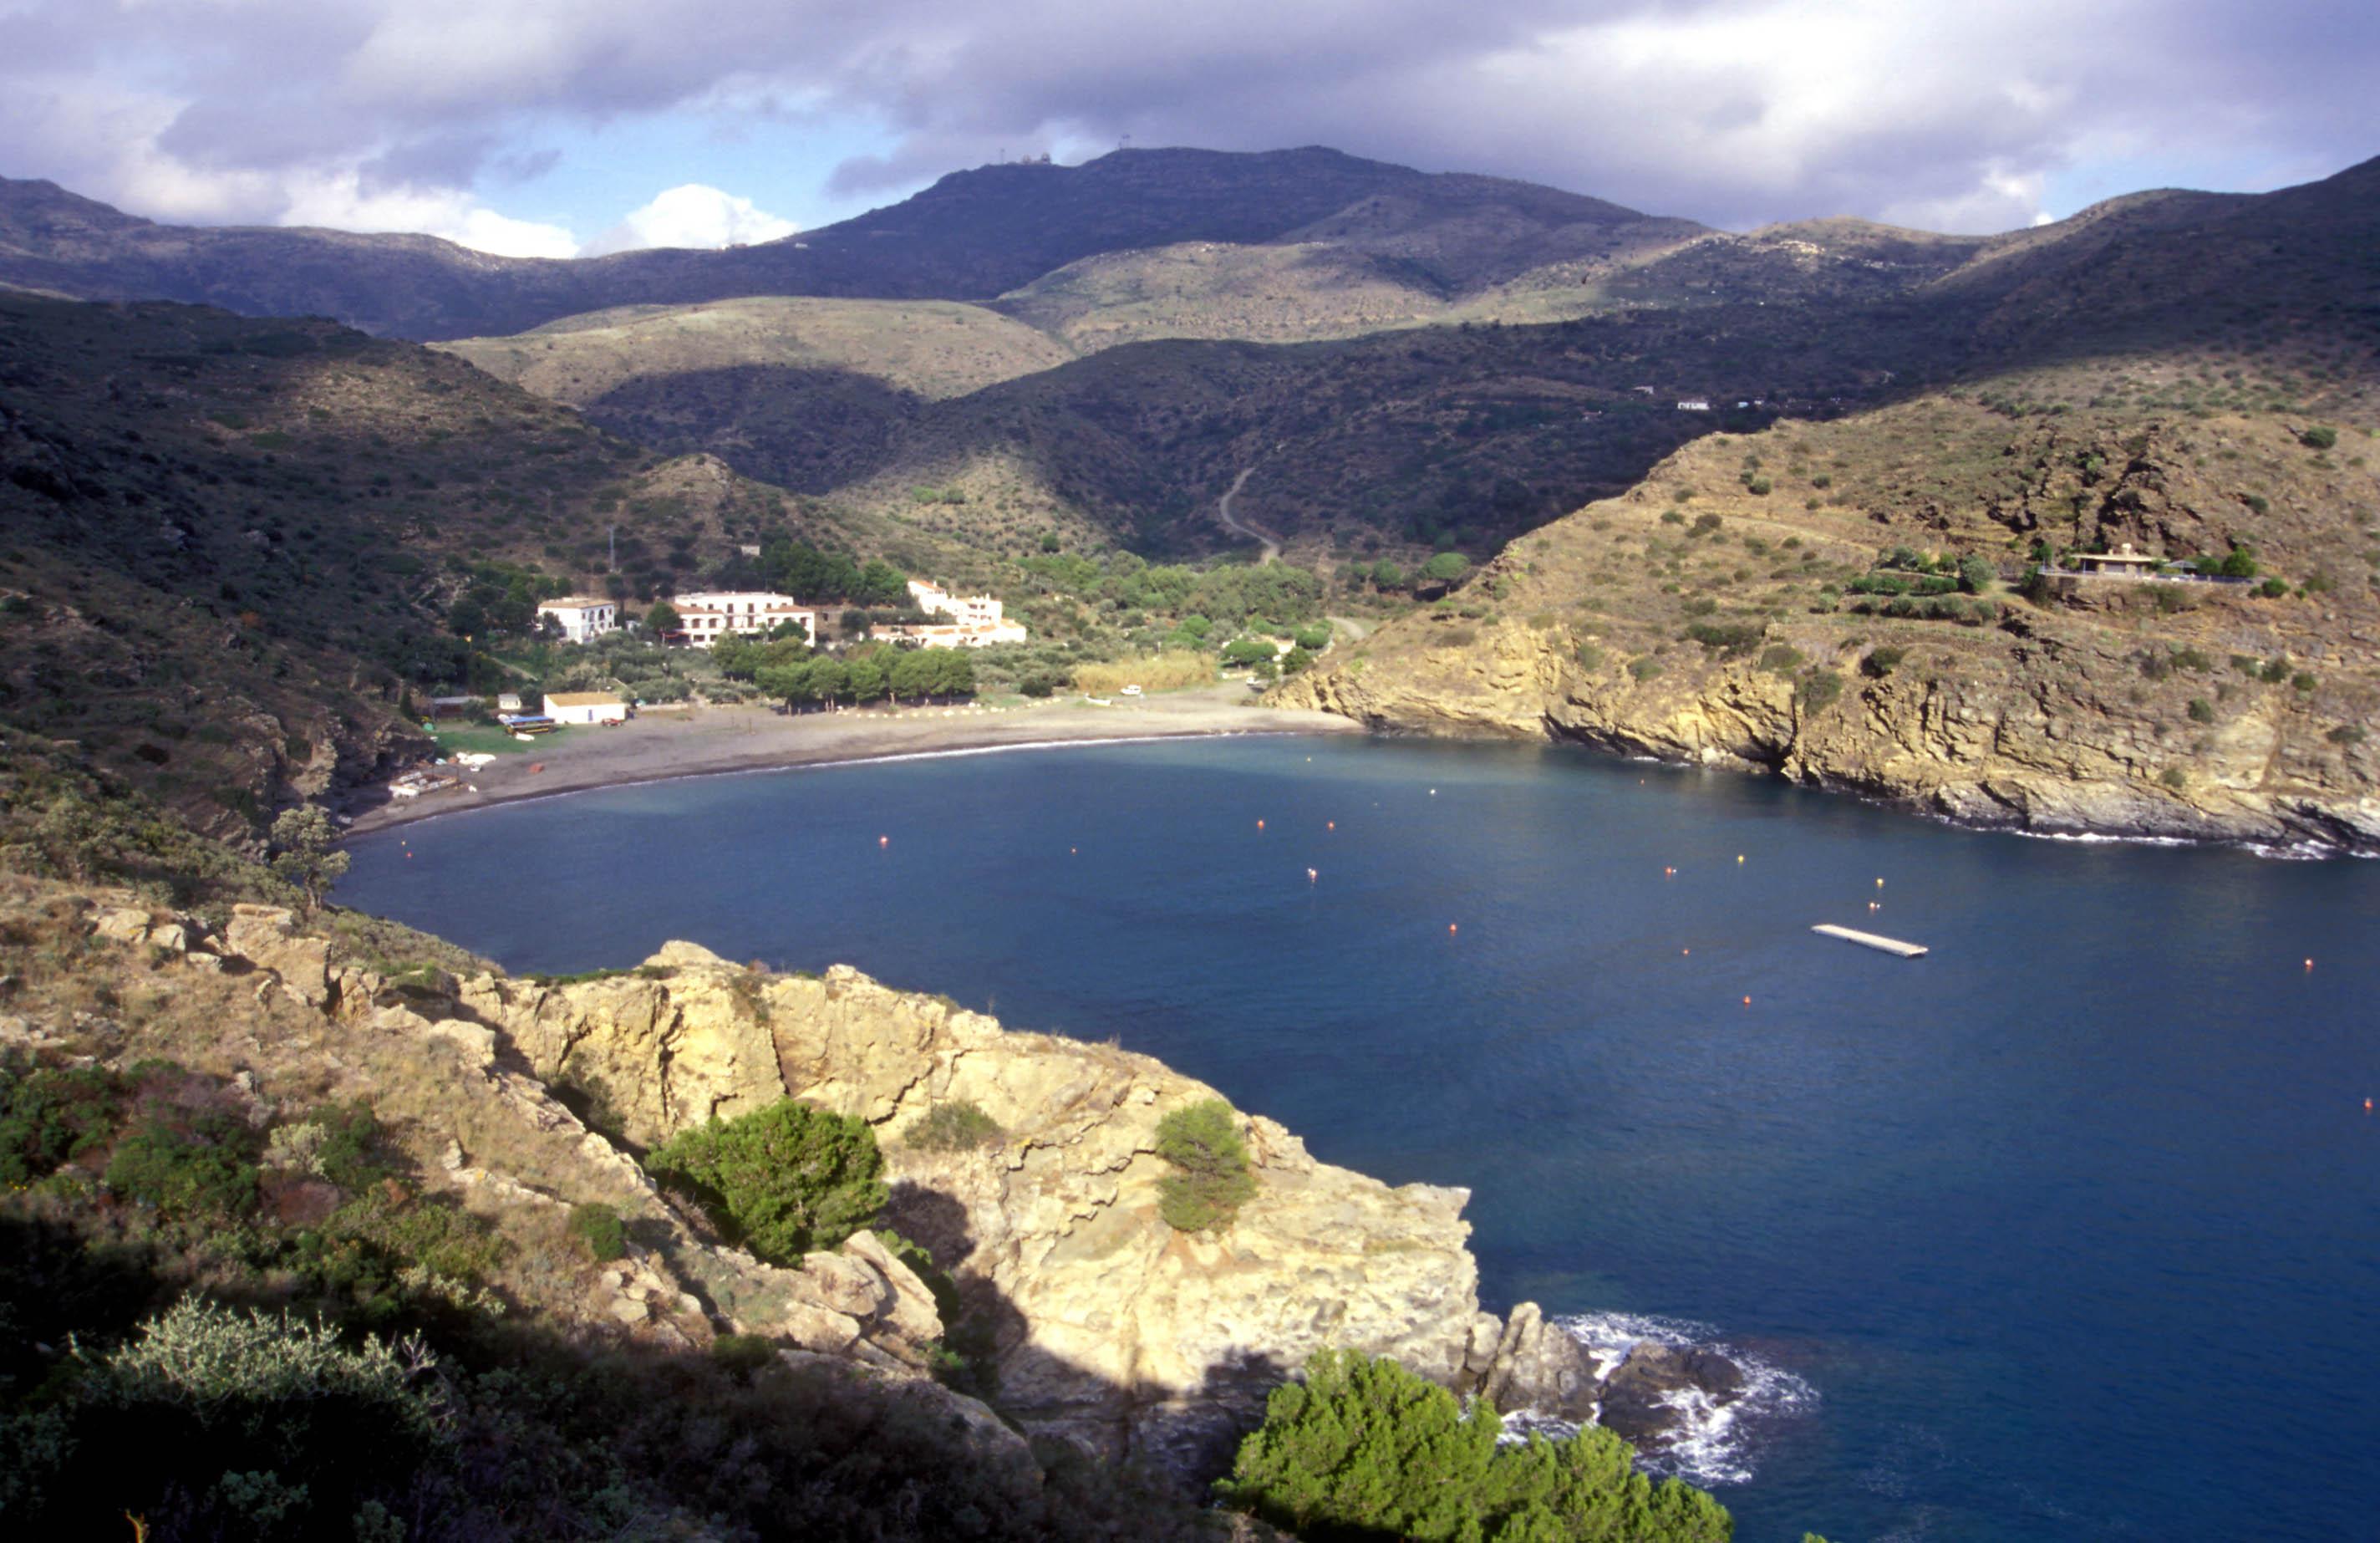 Les platges de Roses inicien la temporada en un estat excel·lent, avalat pels certificats EMAS i ISO 14001